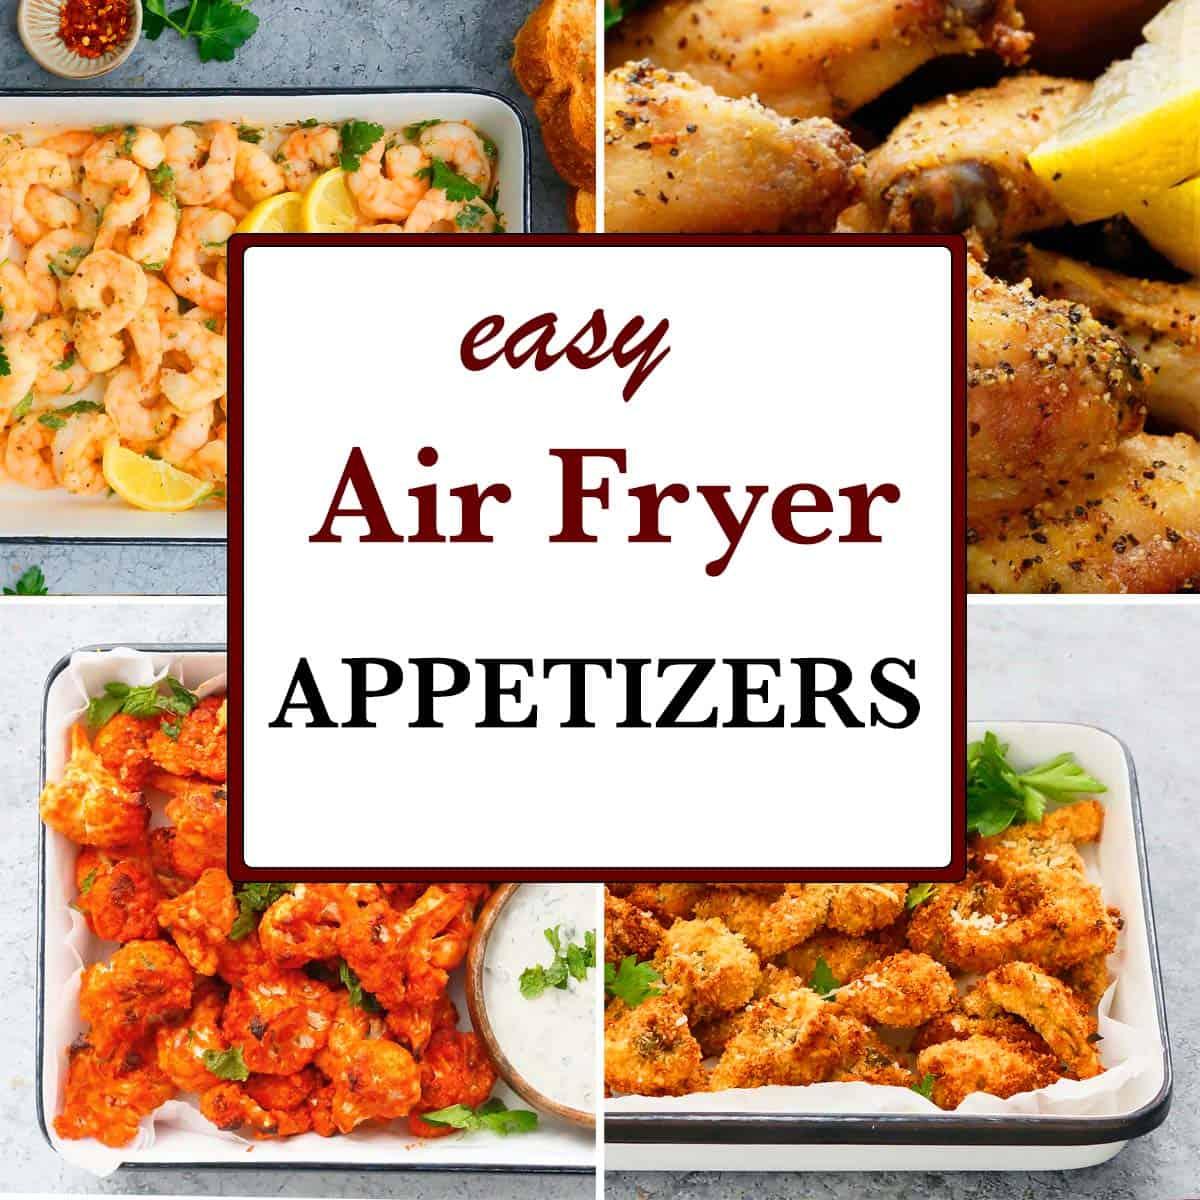 easy air fryer appetizer ideas